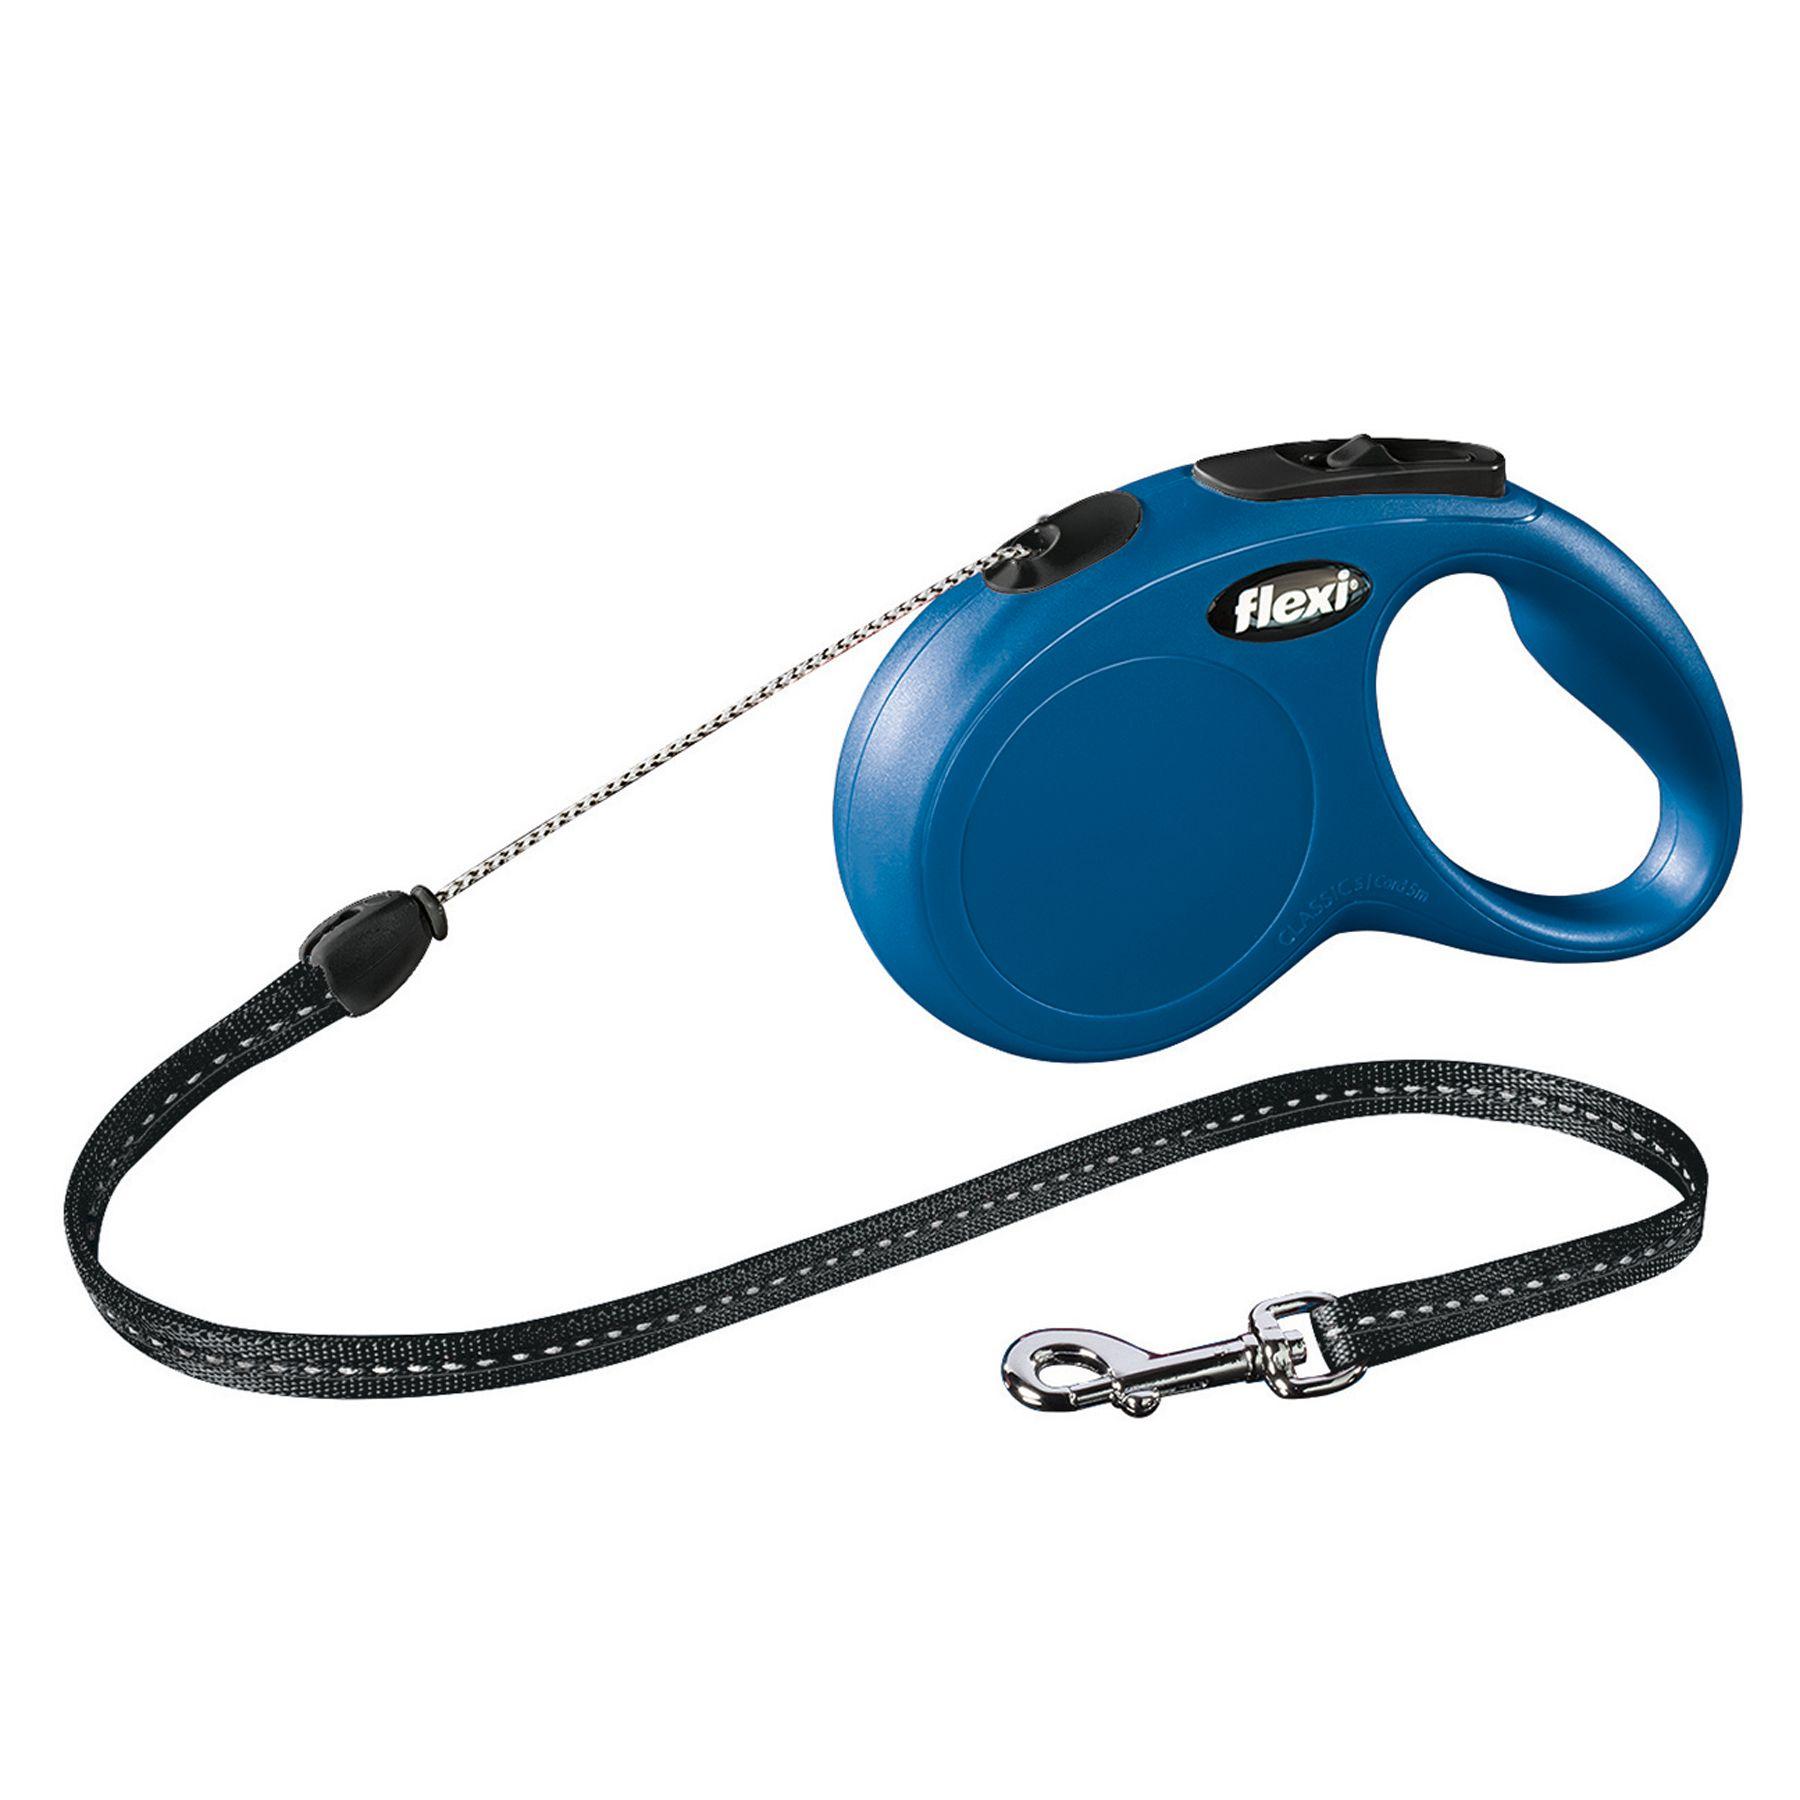 Flexi Classic Retractable Cord Dog Leash Size Small Blue